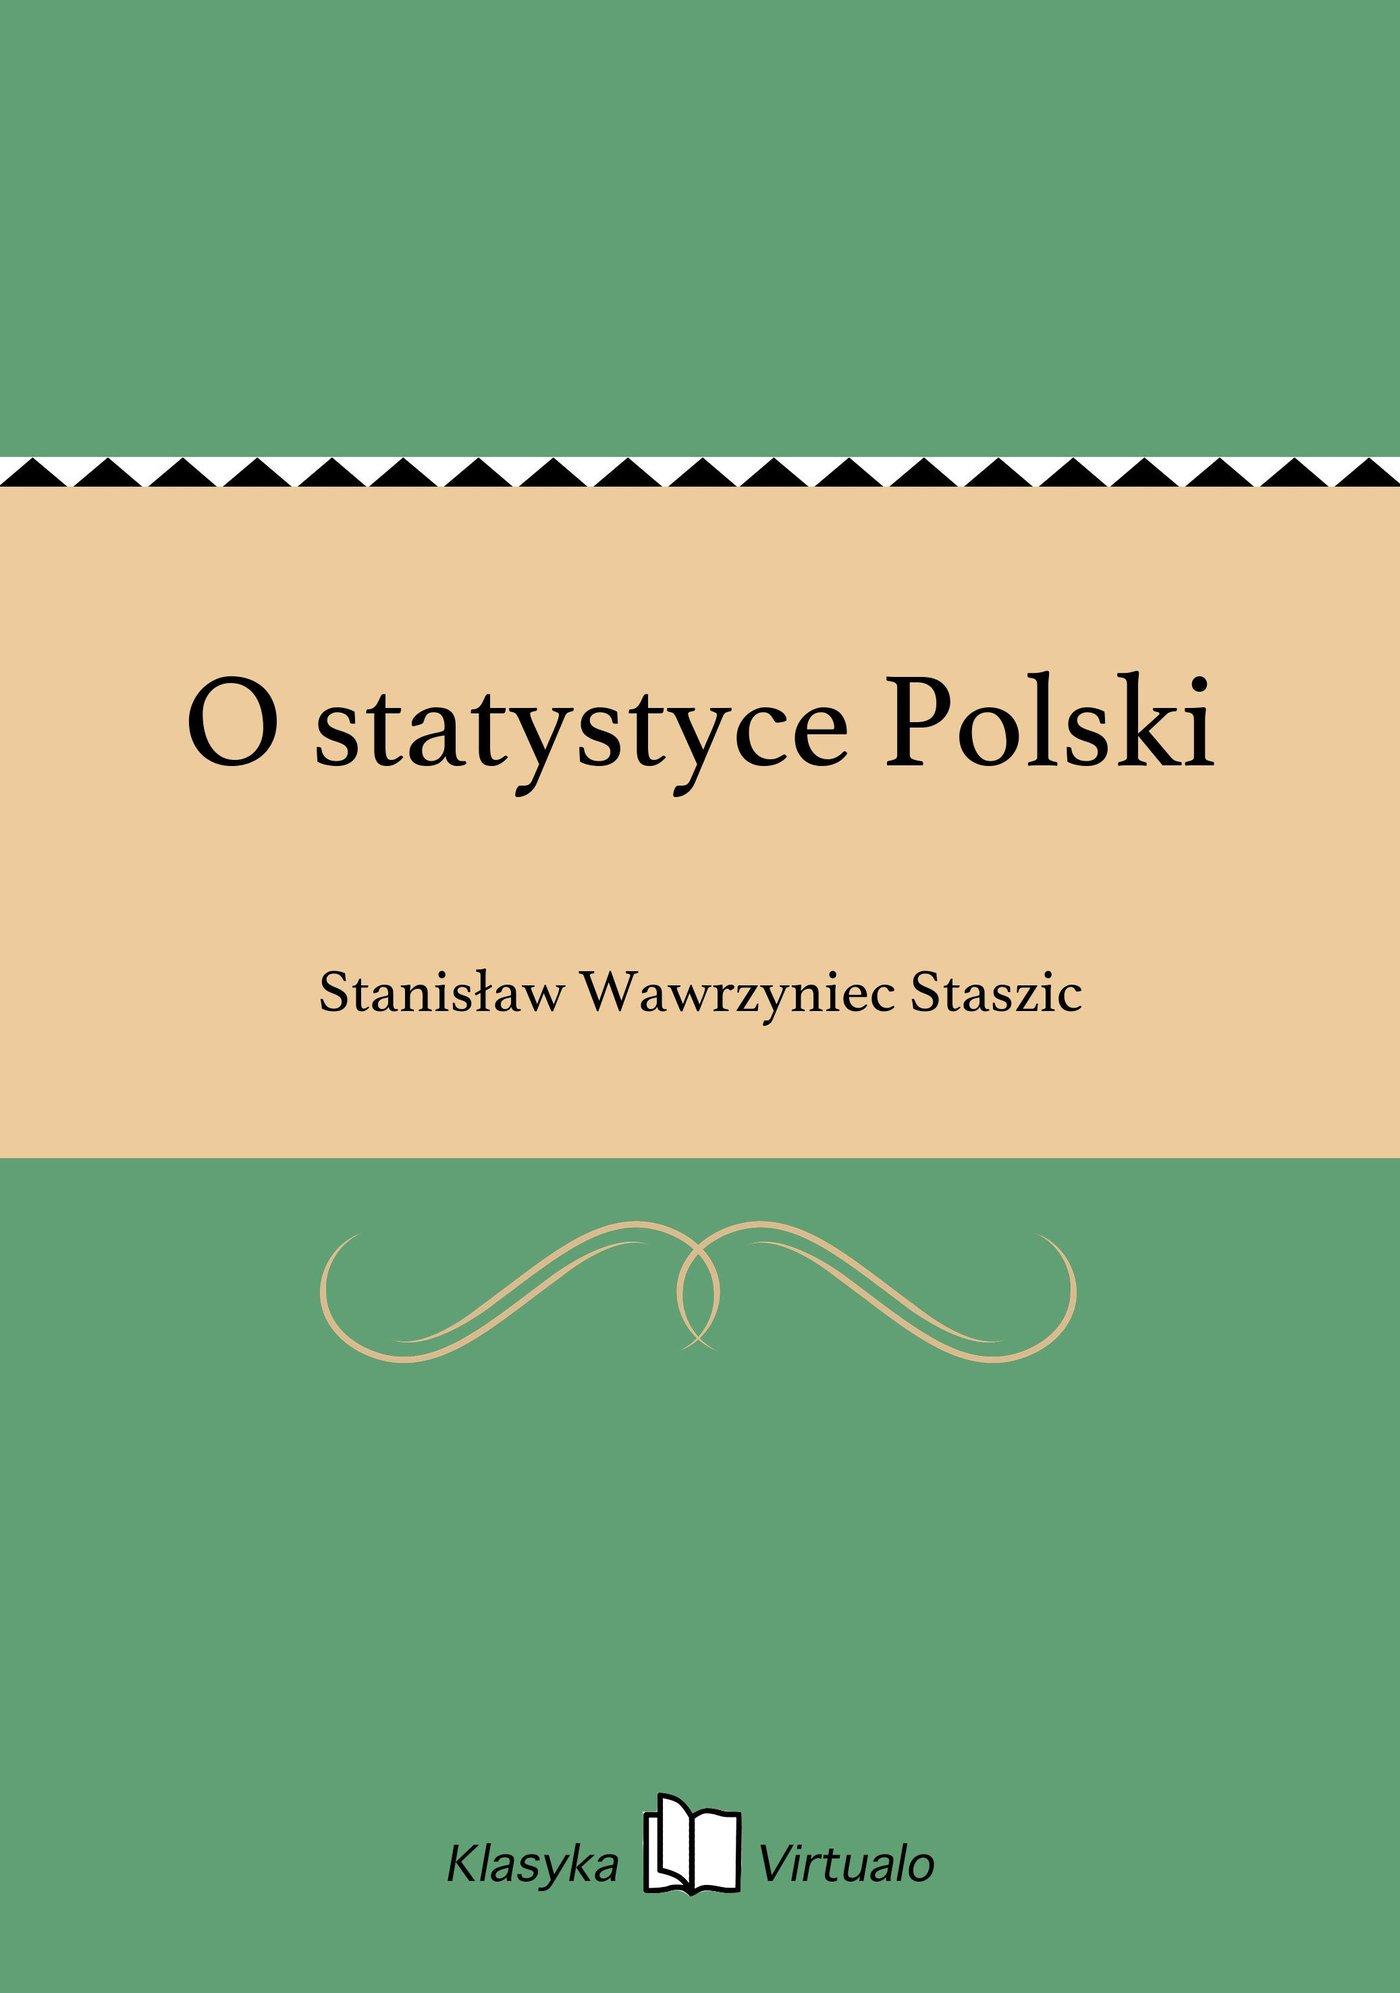 O statystyce Polski - Ebook (Książka EPUB) do pobrania w formacie EPUB